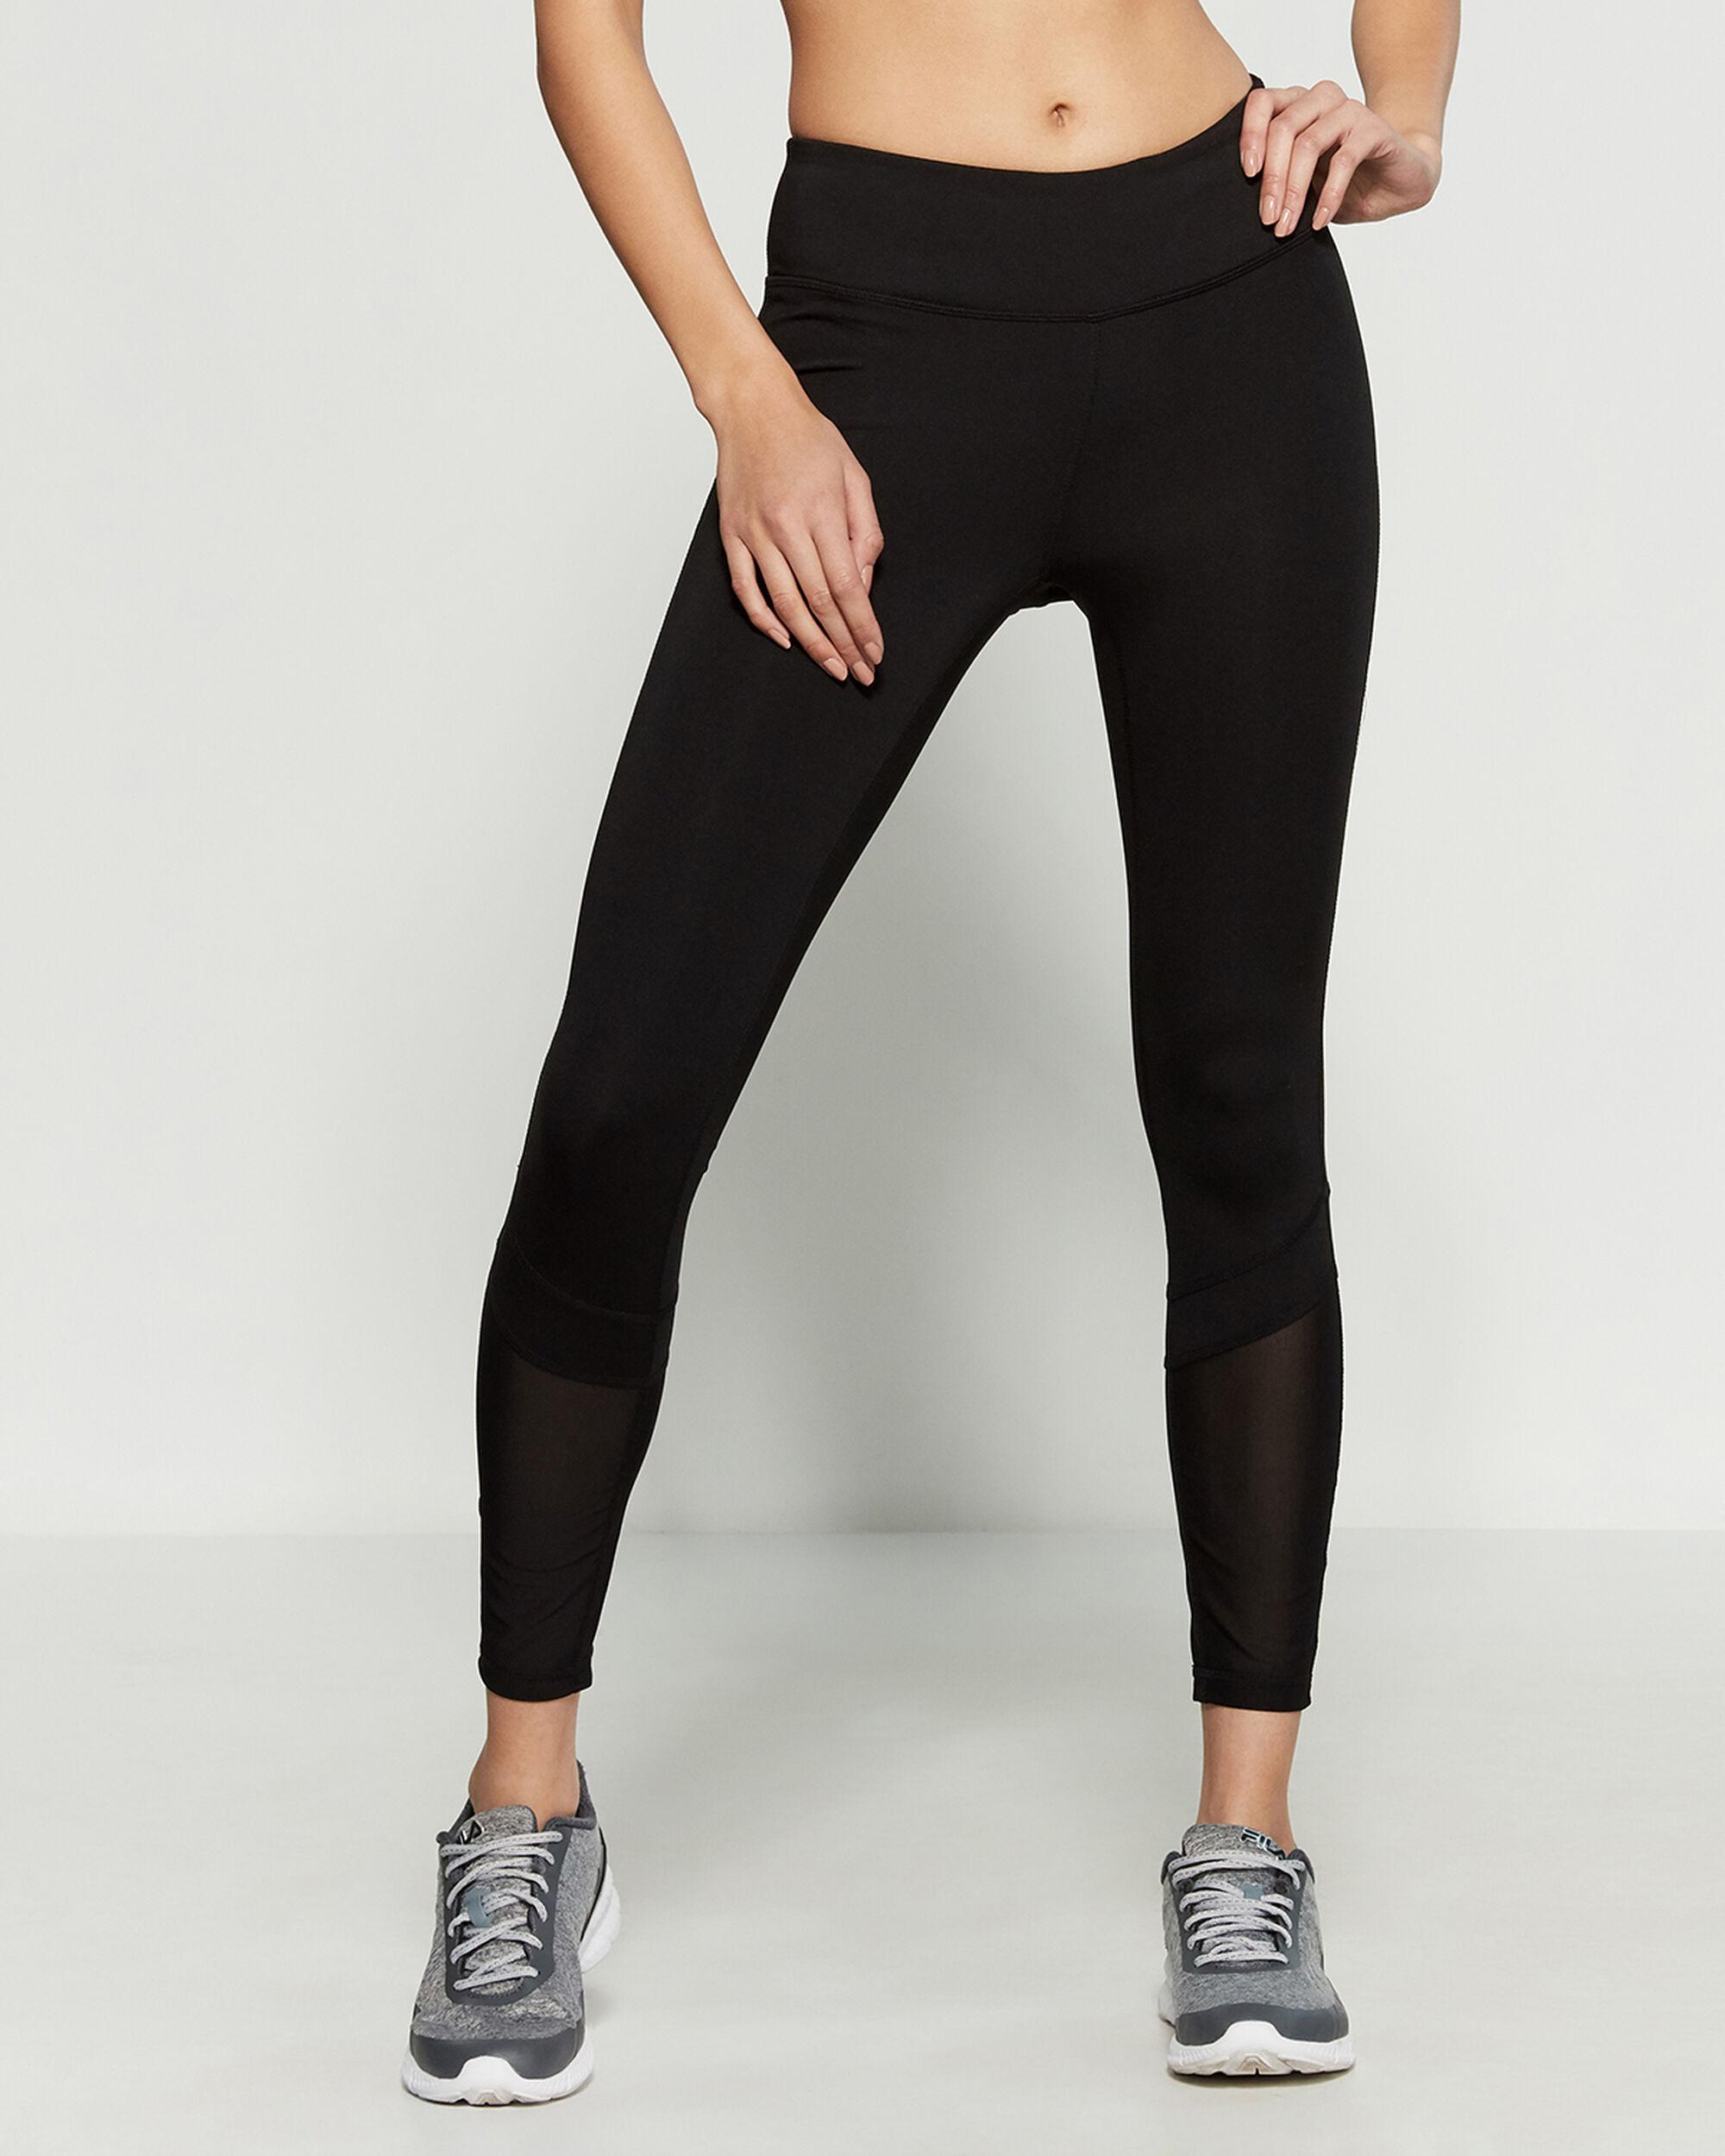 2b768d05 Reebok Flexible 7/8 Athletic Leggings in Black - Lyst